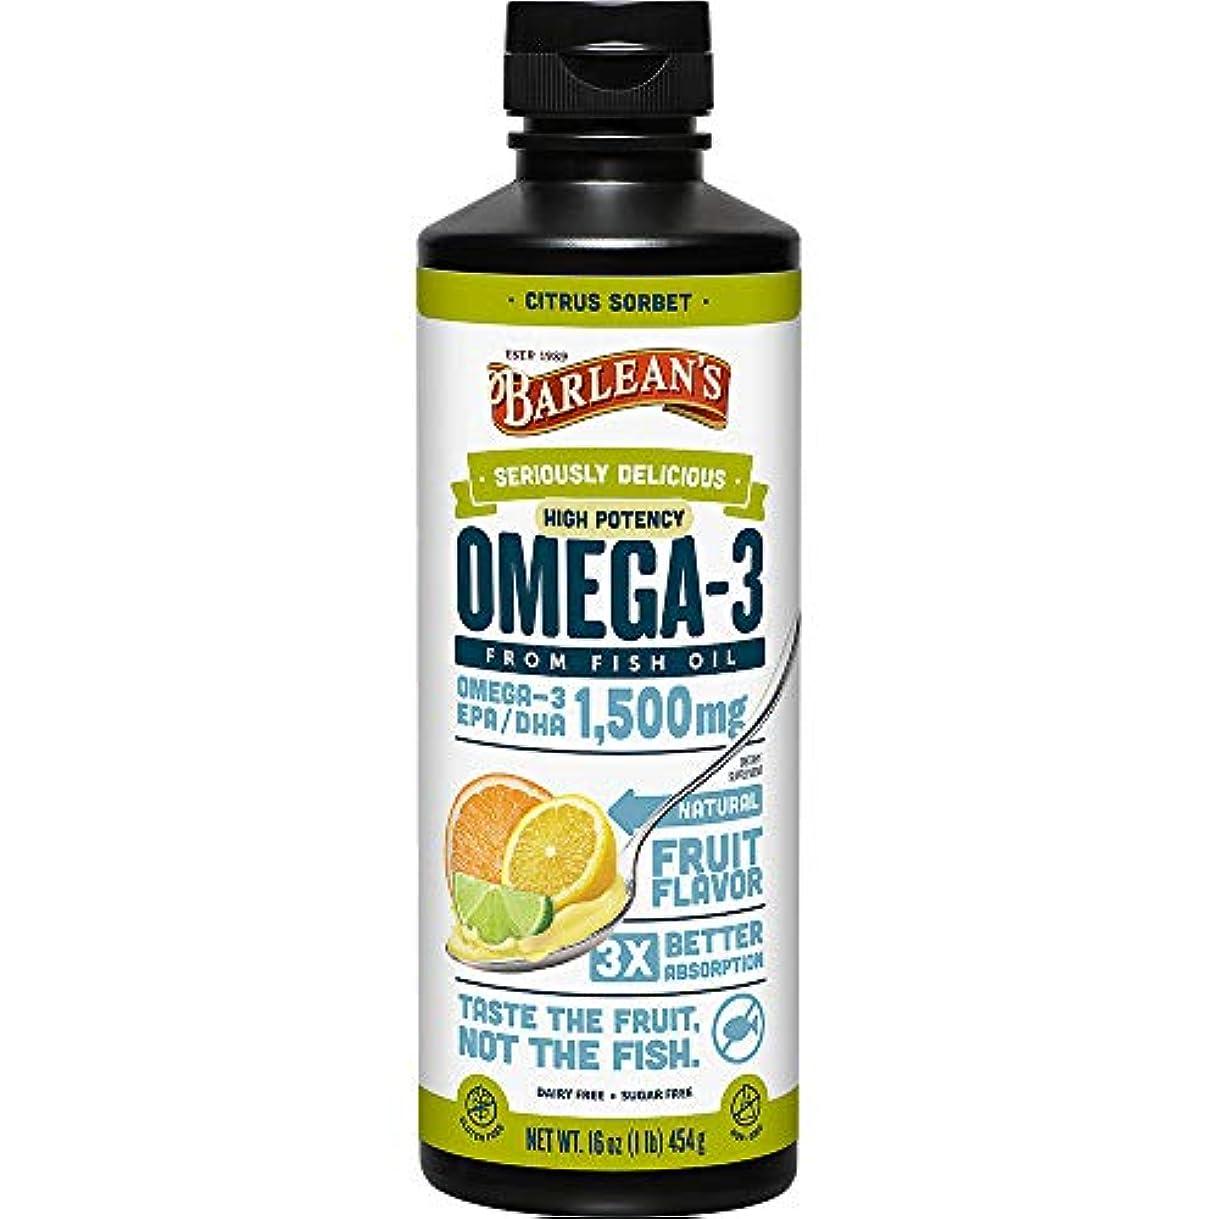 豚カスタムガラスOmega Swirl, Ultra High Potency Fish Oil, Citrus Sorbet - Barlean's - UK Seller by Barlean's